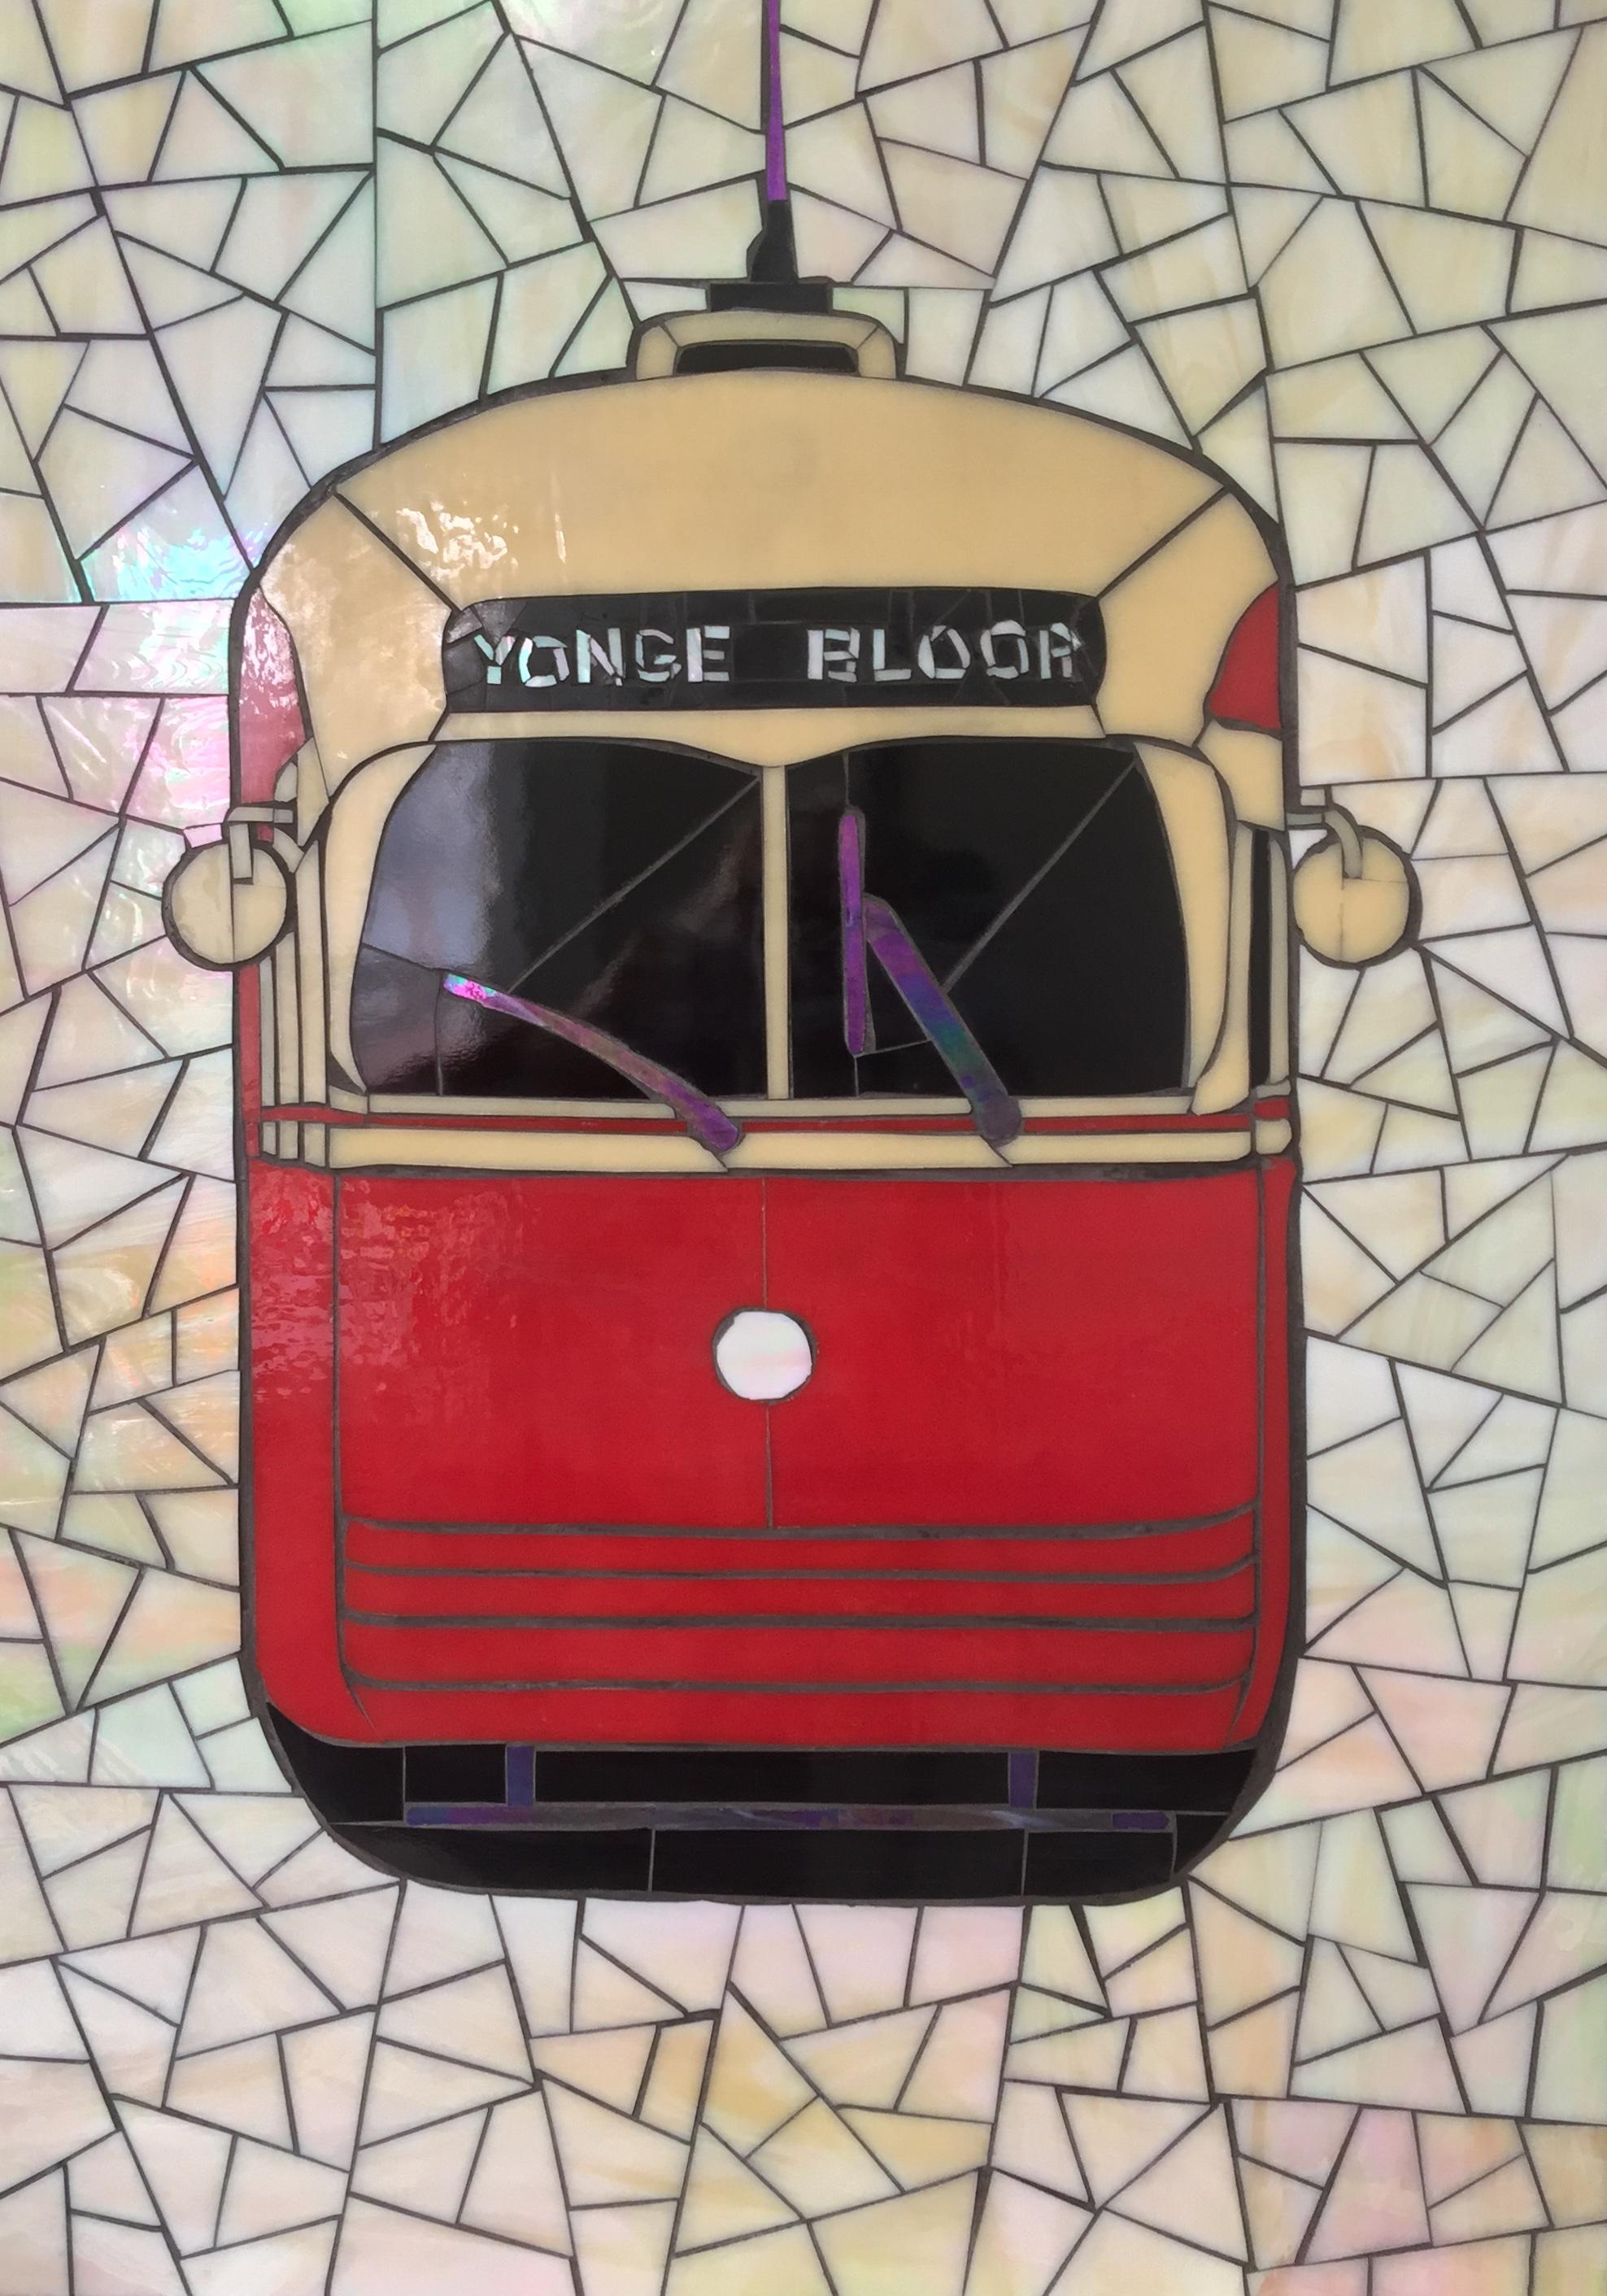 Yonge Bloor Rocket